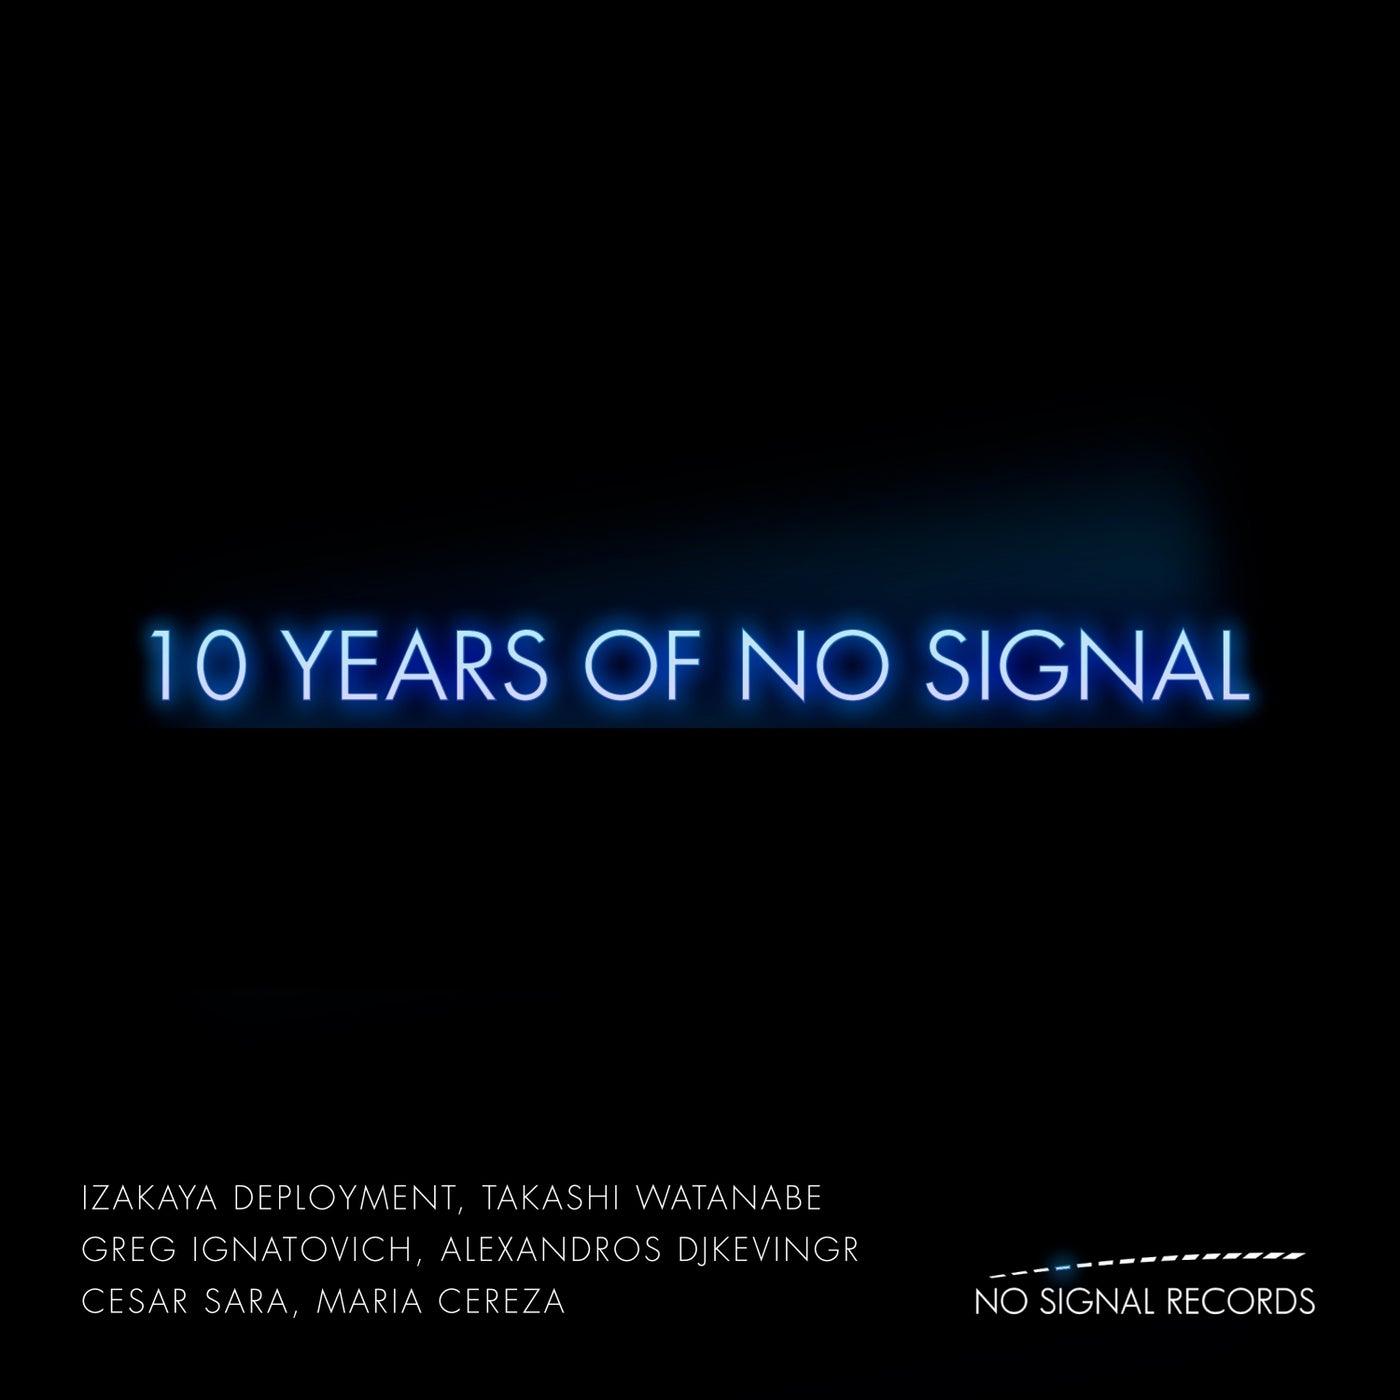 No Fear (Alexandros Djkevingr & Greg Ignatovich Remix)